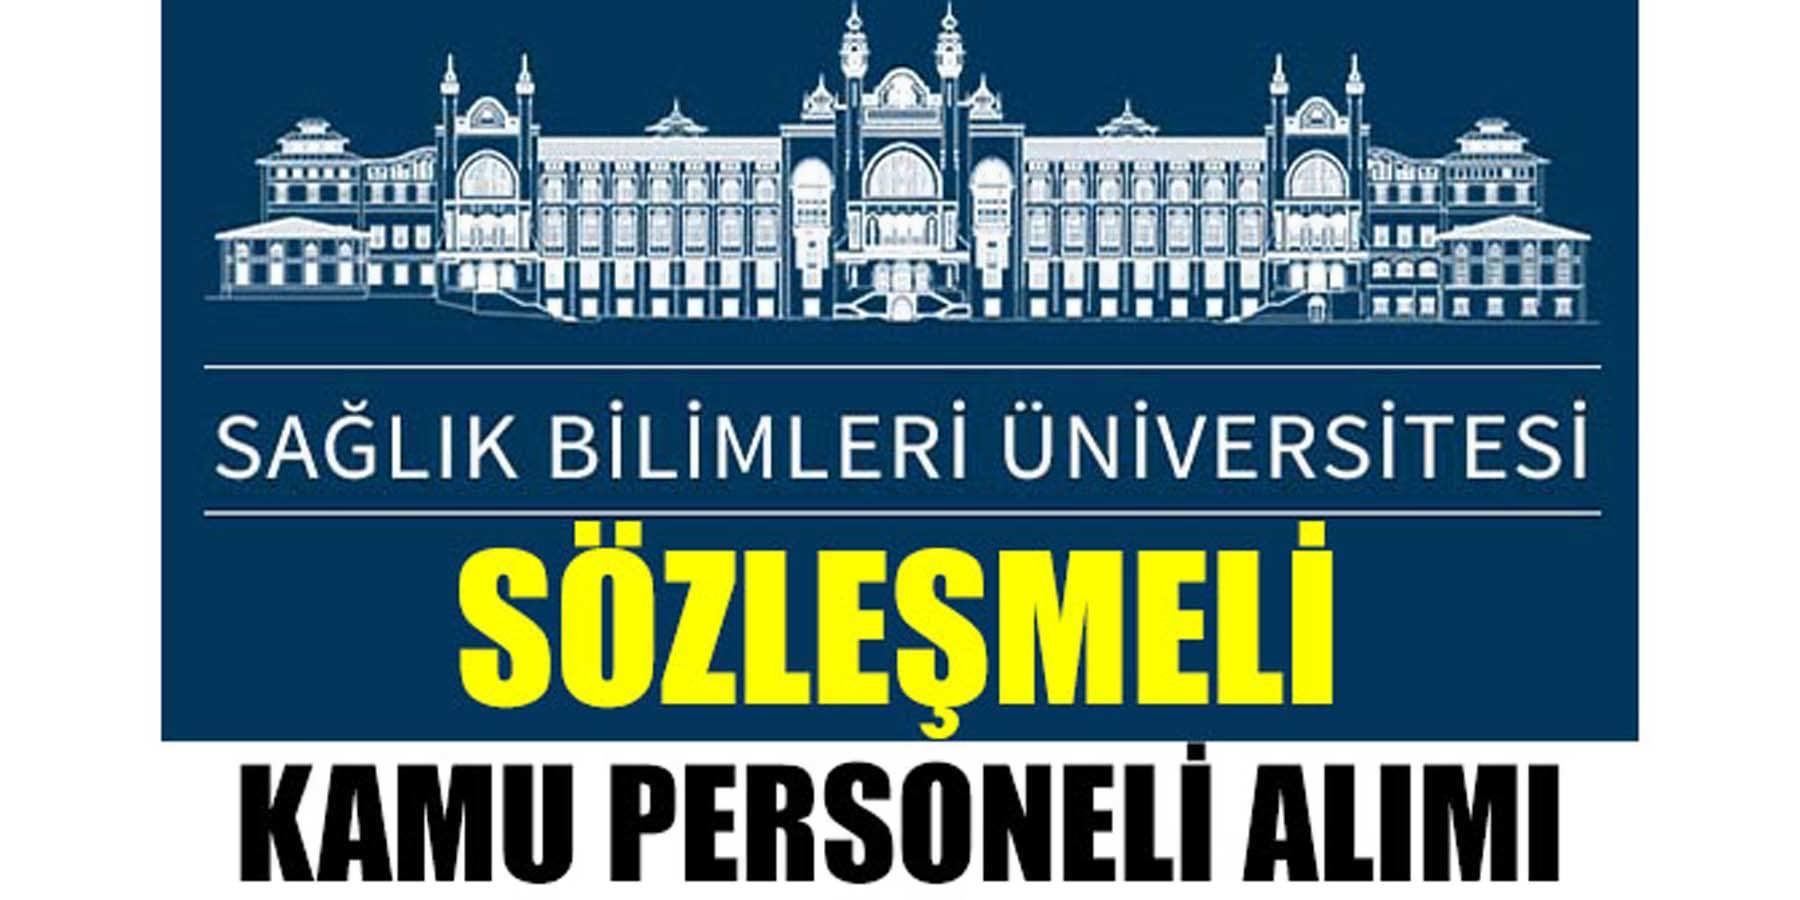 Sağlık Bilimleri Üniversitesi 4 Sözleşmeli Kamu Personel Alımı